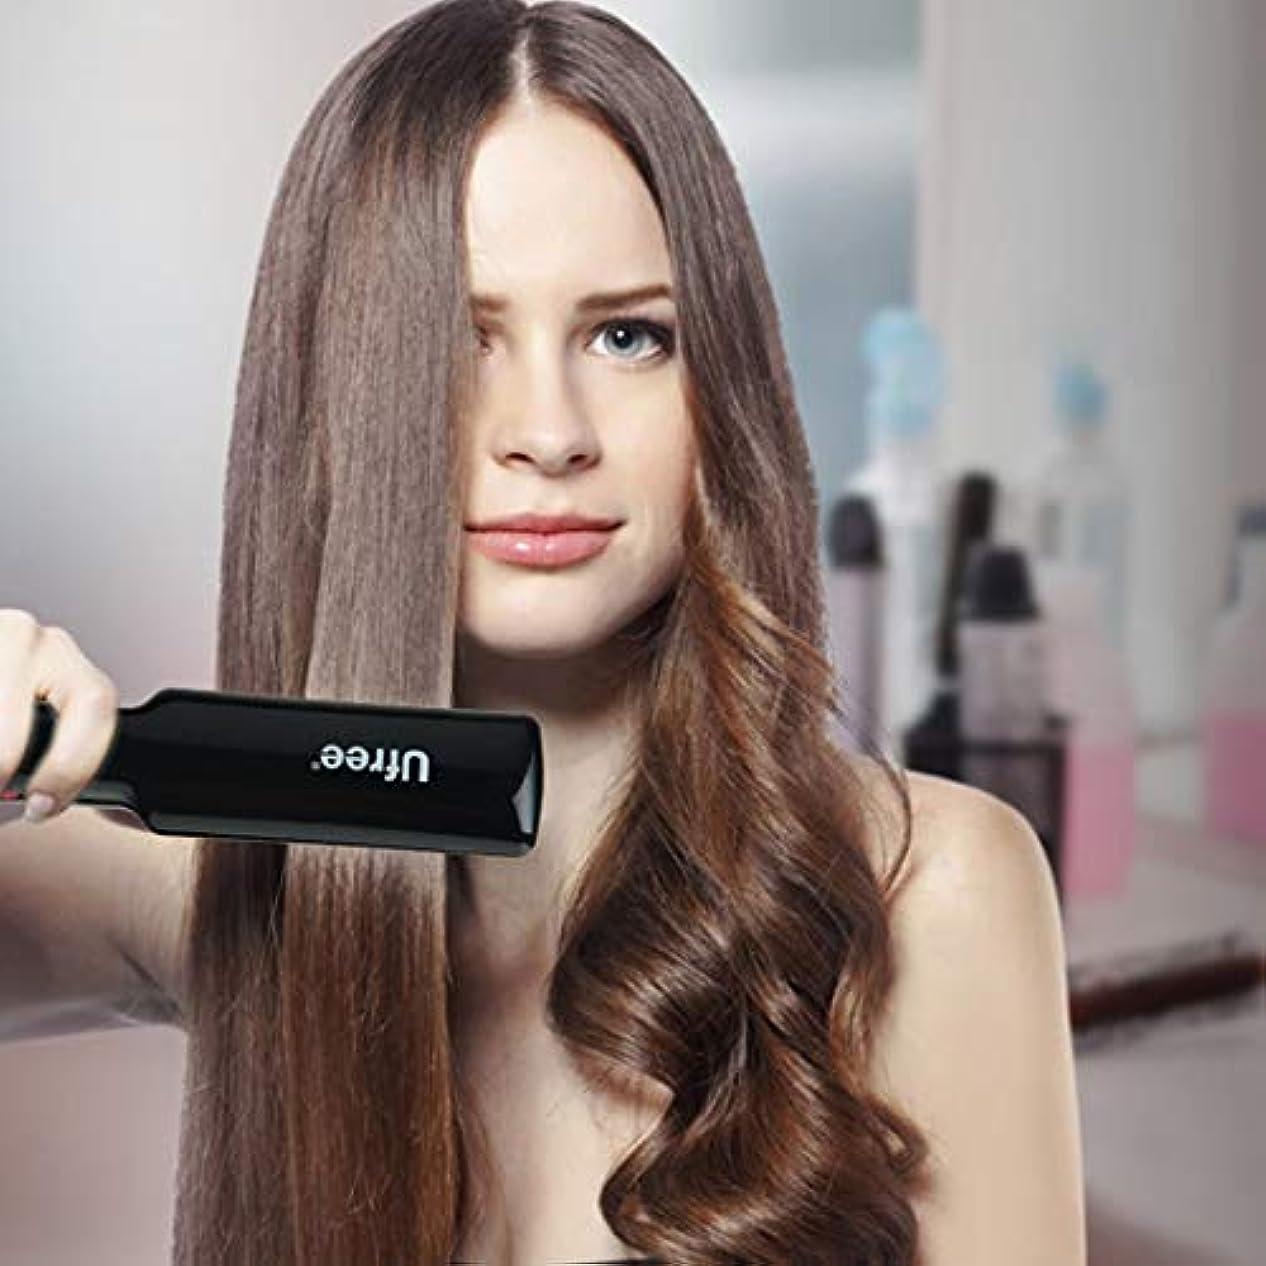 商業の減少クモMEI1JIA Ufree U-326デジタルディスプレイ恒温ストレートヘアアイロン電気合板理髪ツール、EUプラグ